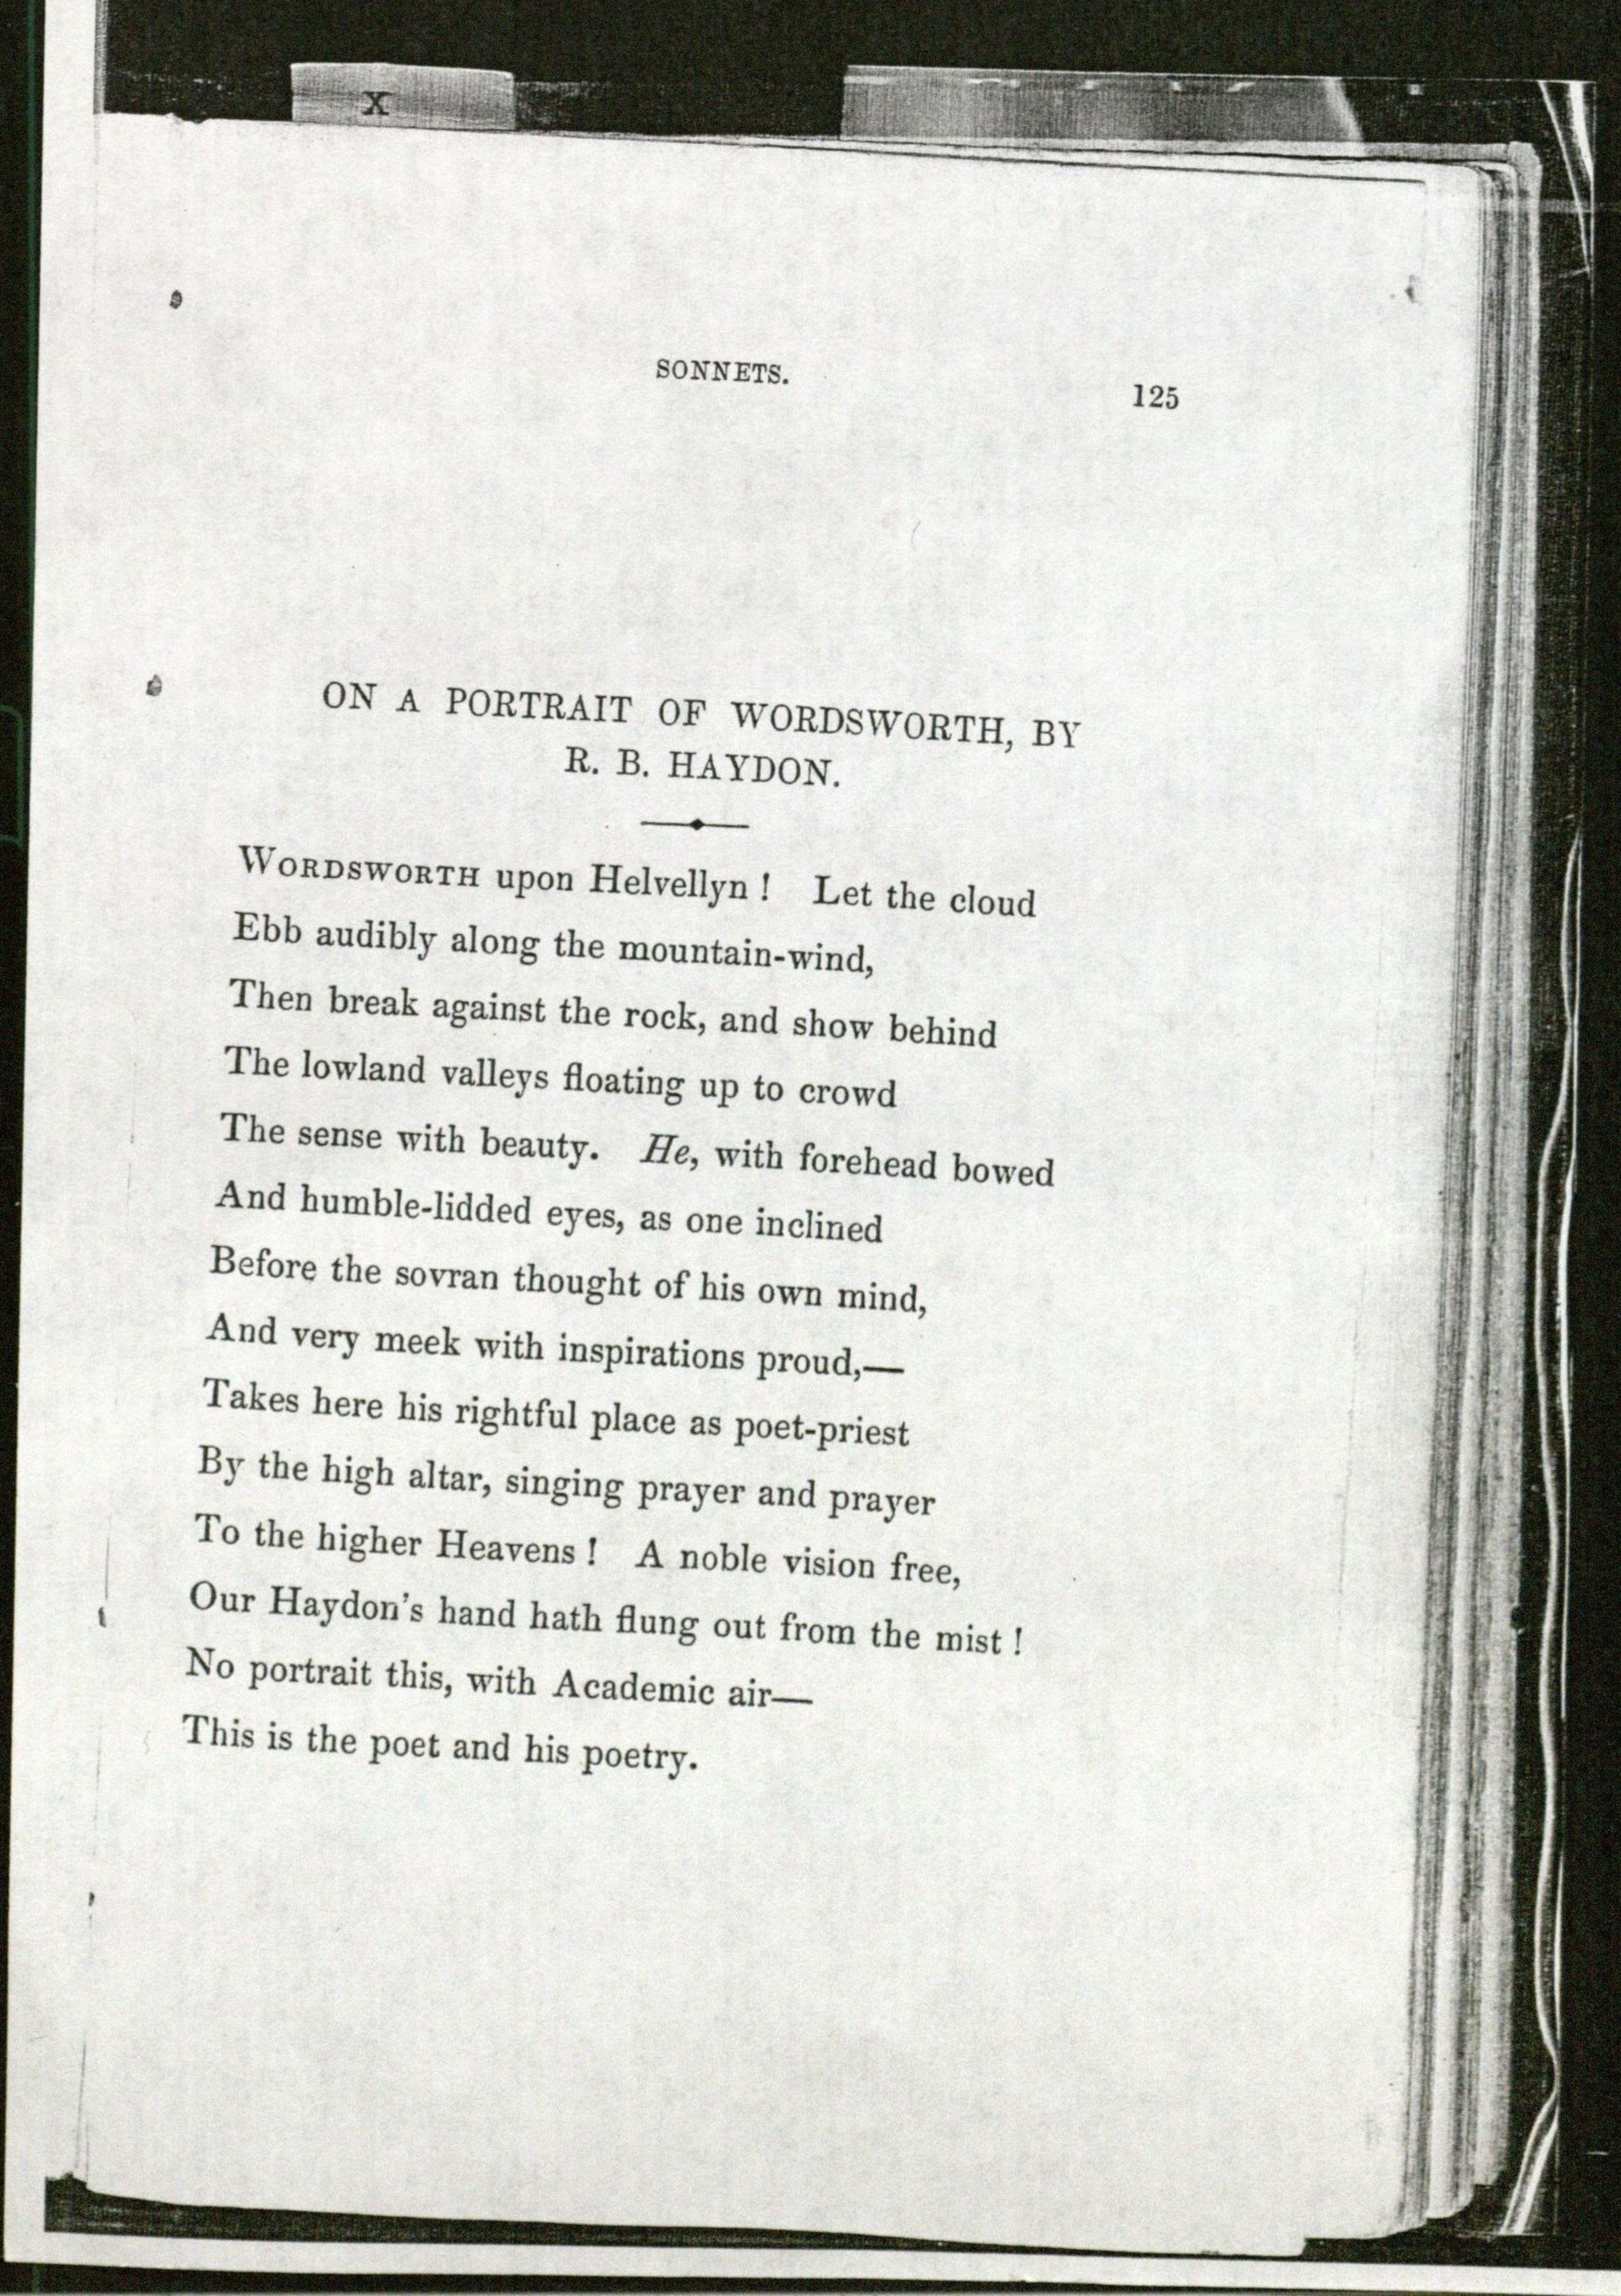 EBB-On a Portrait of Wordsworth, by R.B. Haydon